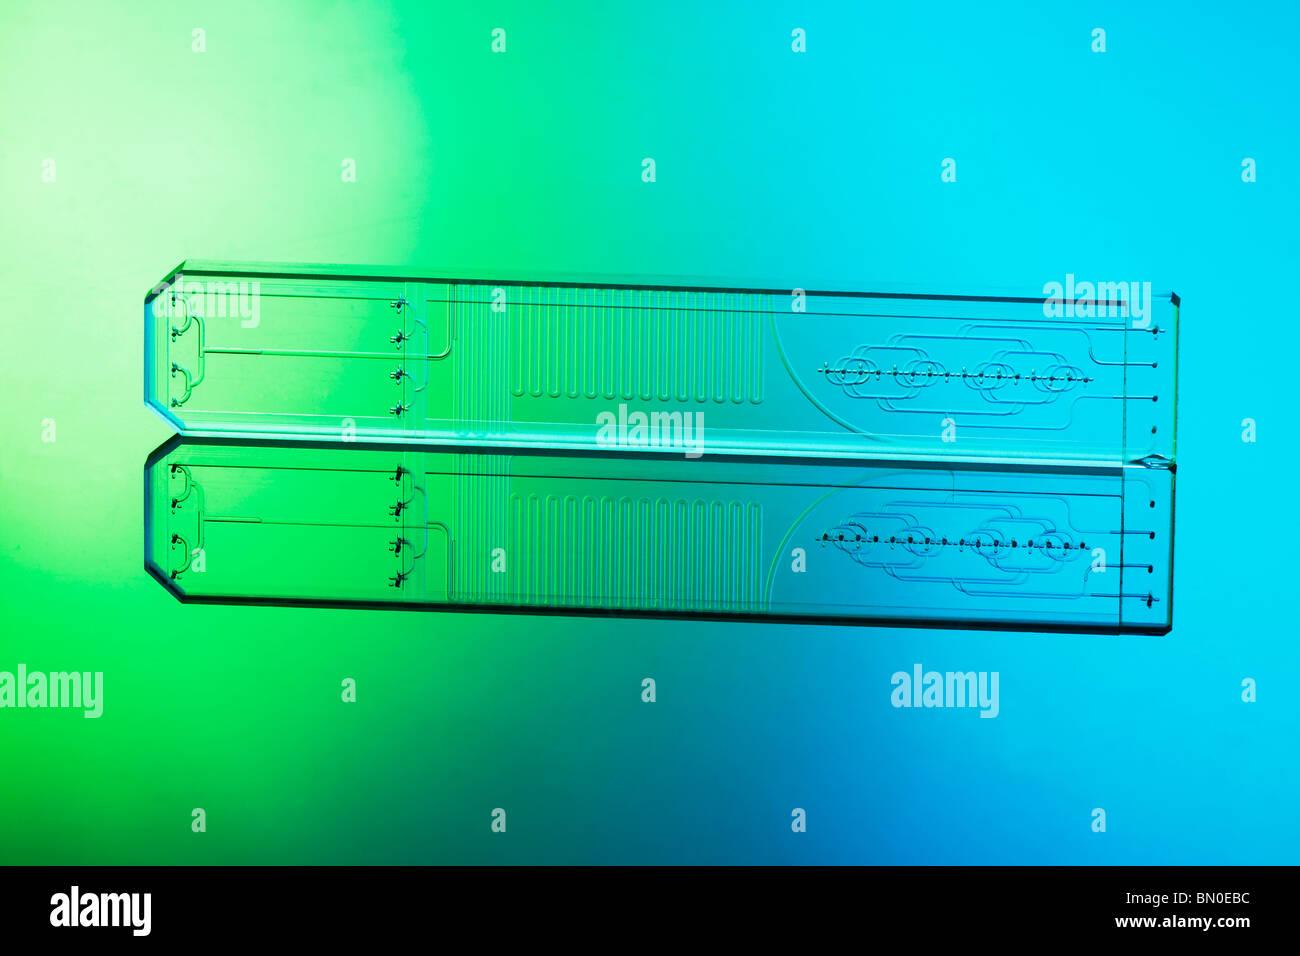 Microfluidica vetro acidato microreattore chip multipli di miscelazione flussi di fluido di liquidi in micro e nano Immagini Stock